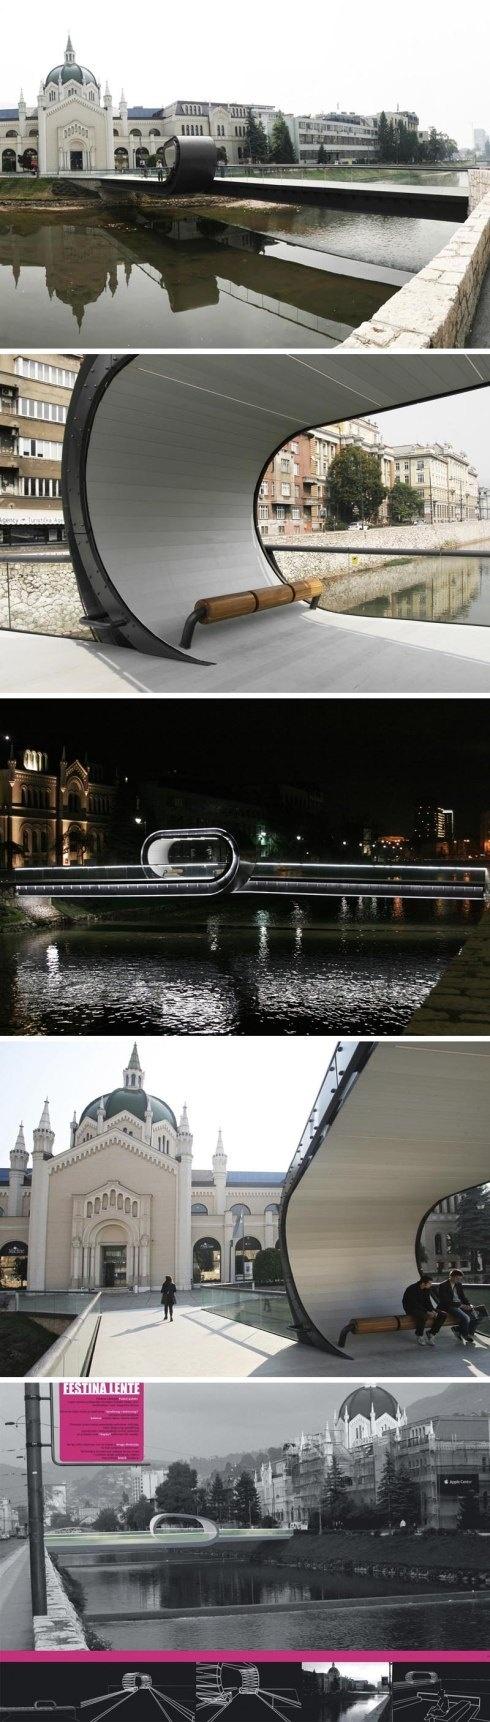 Festina Lente pedestrian bridge